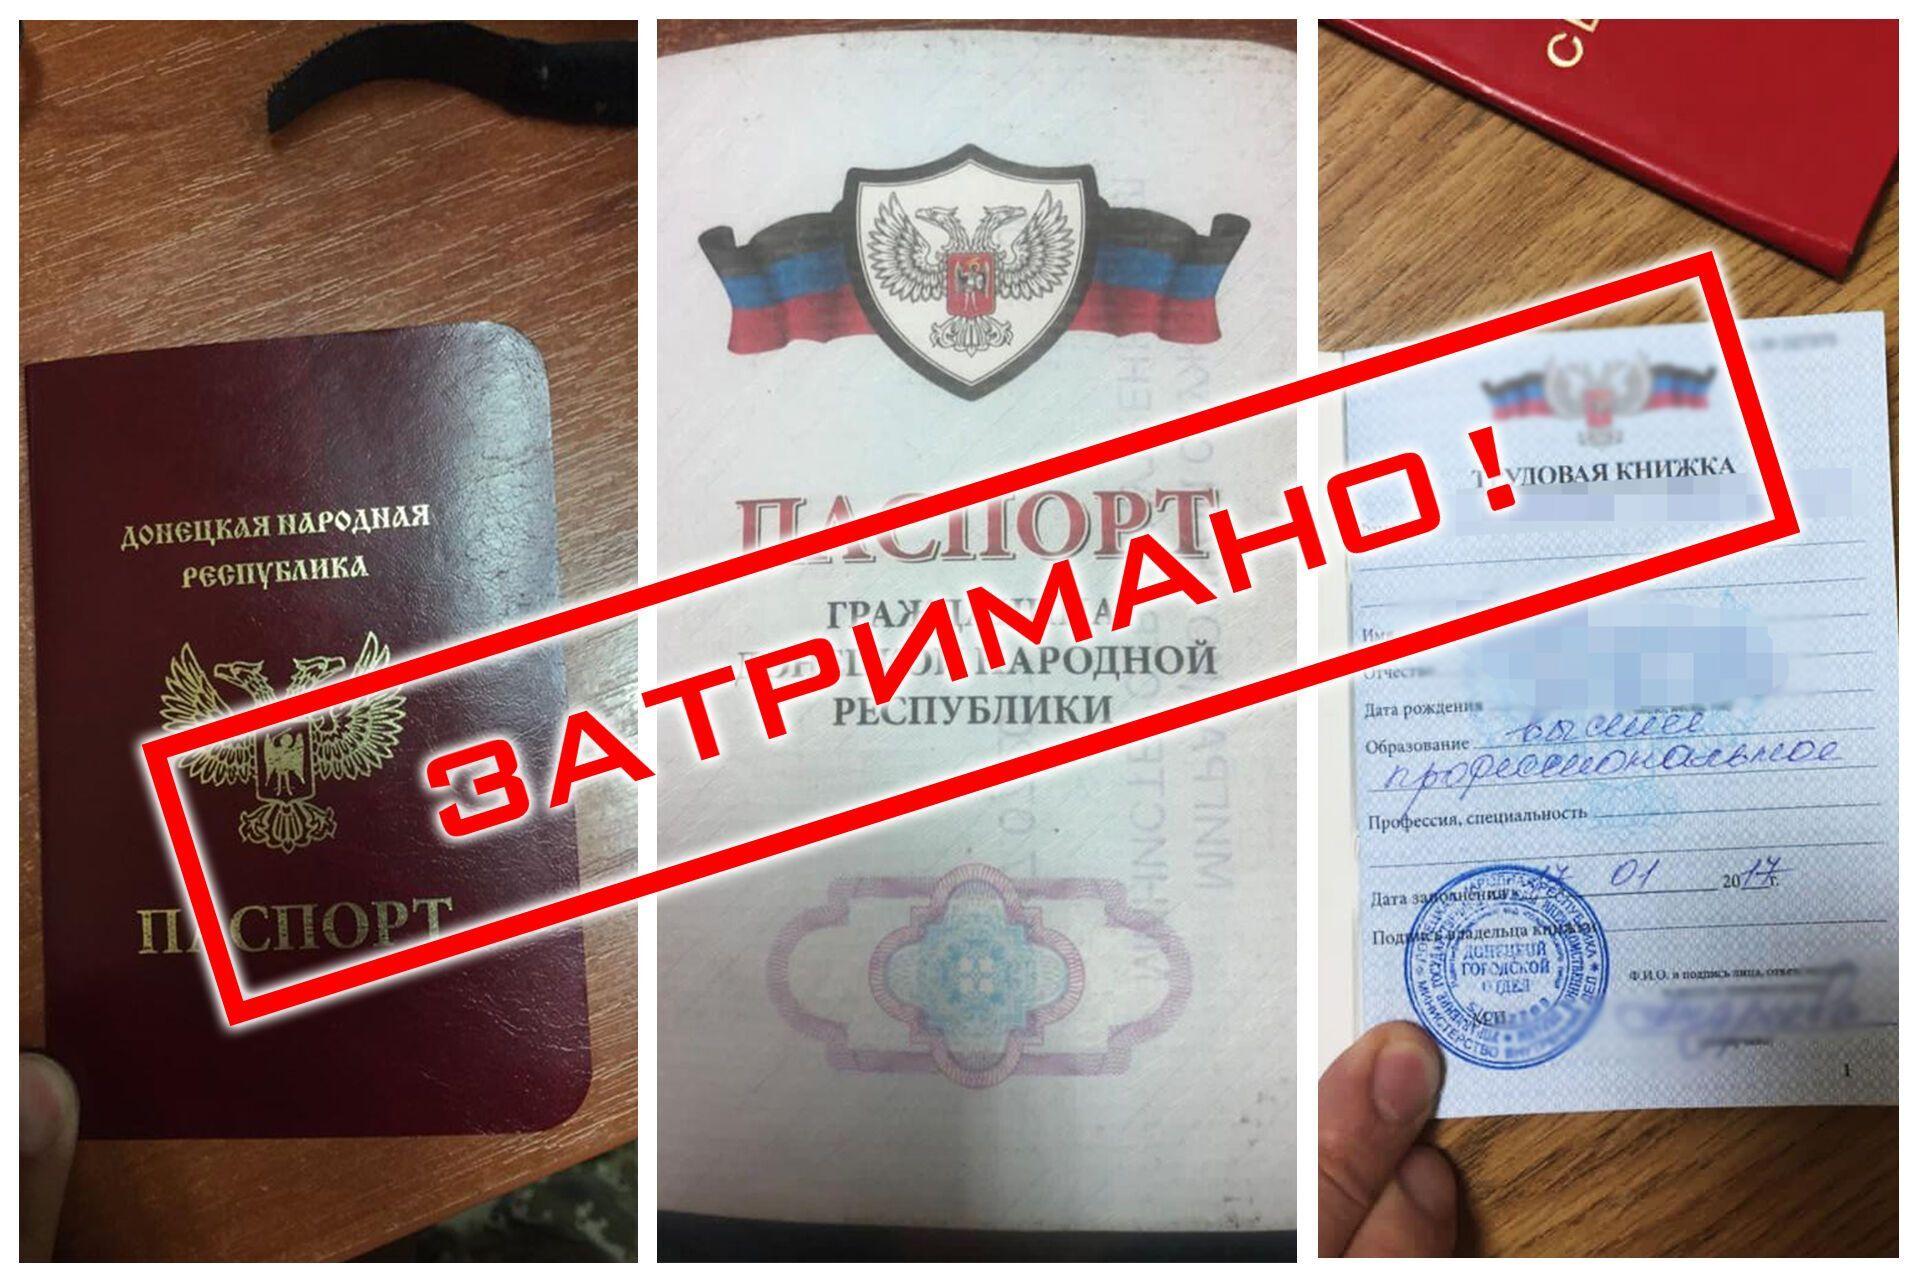 Документы, изъятые у двух задержанных украинцев